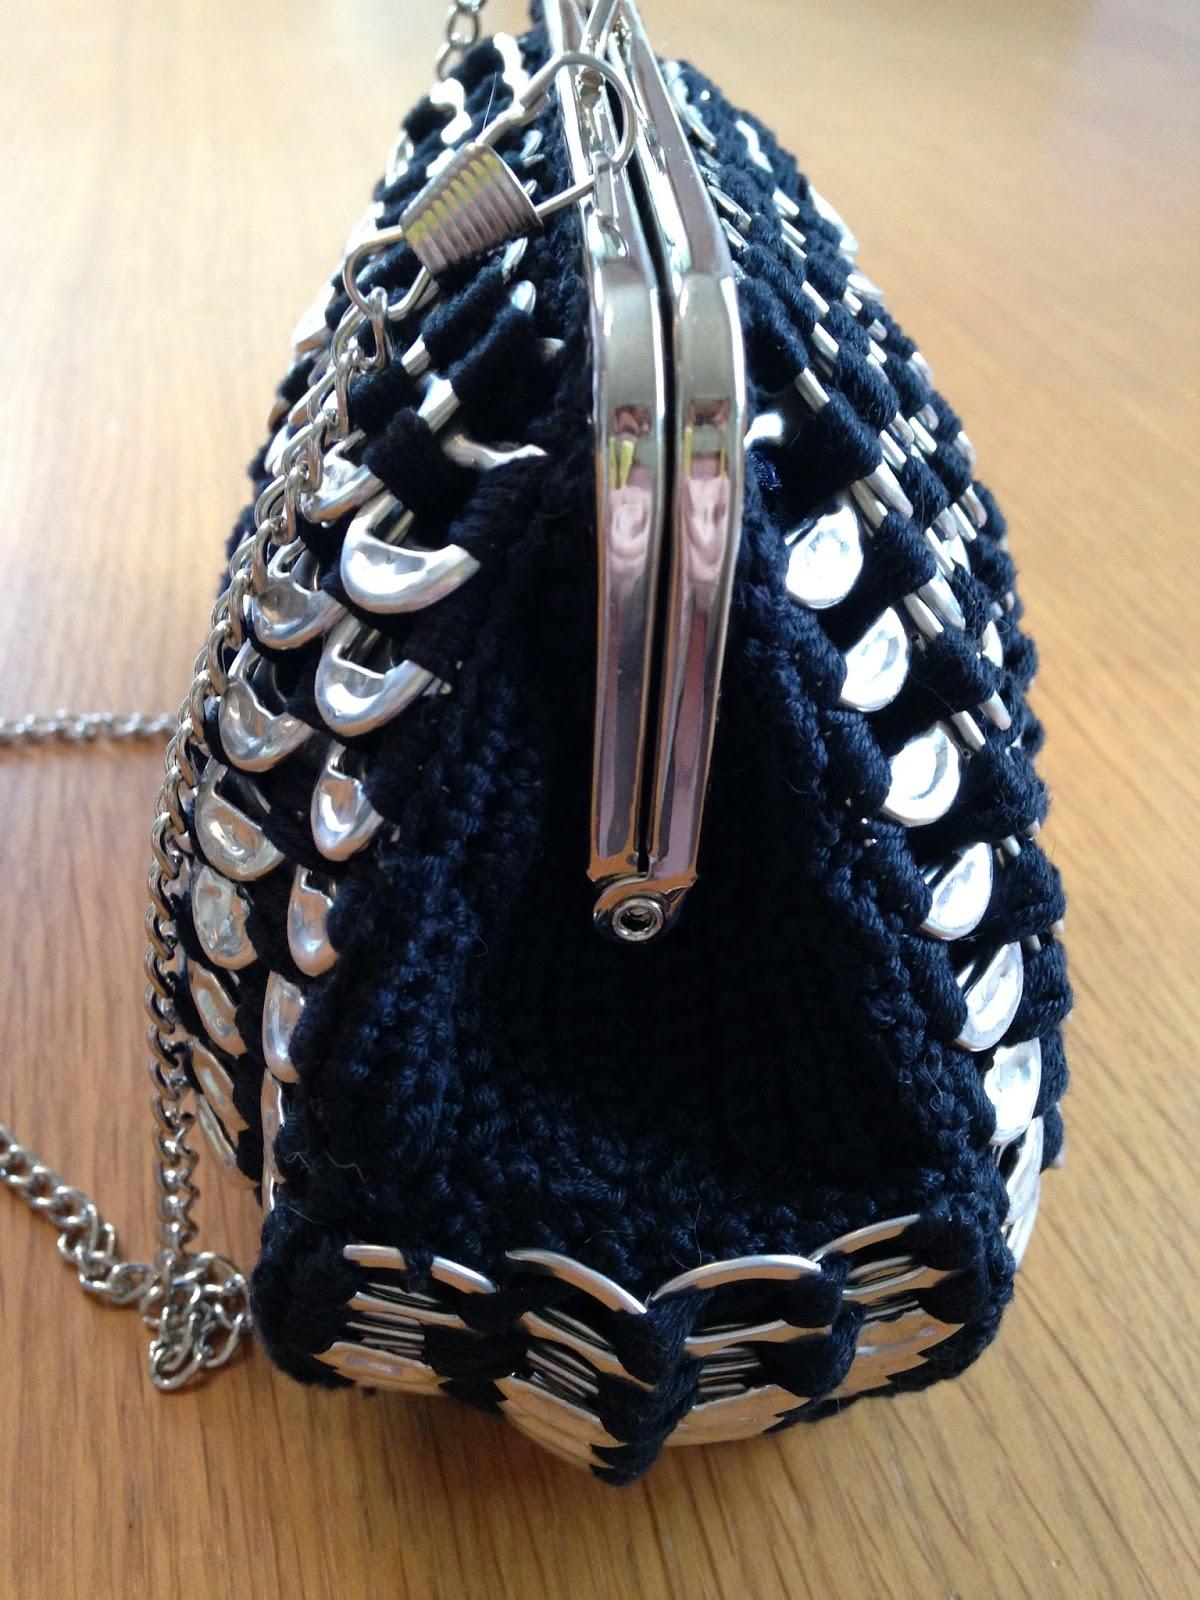 Musta Laukku : Ilomilona musta pullukka laukku